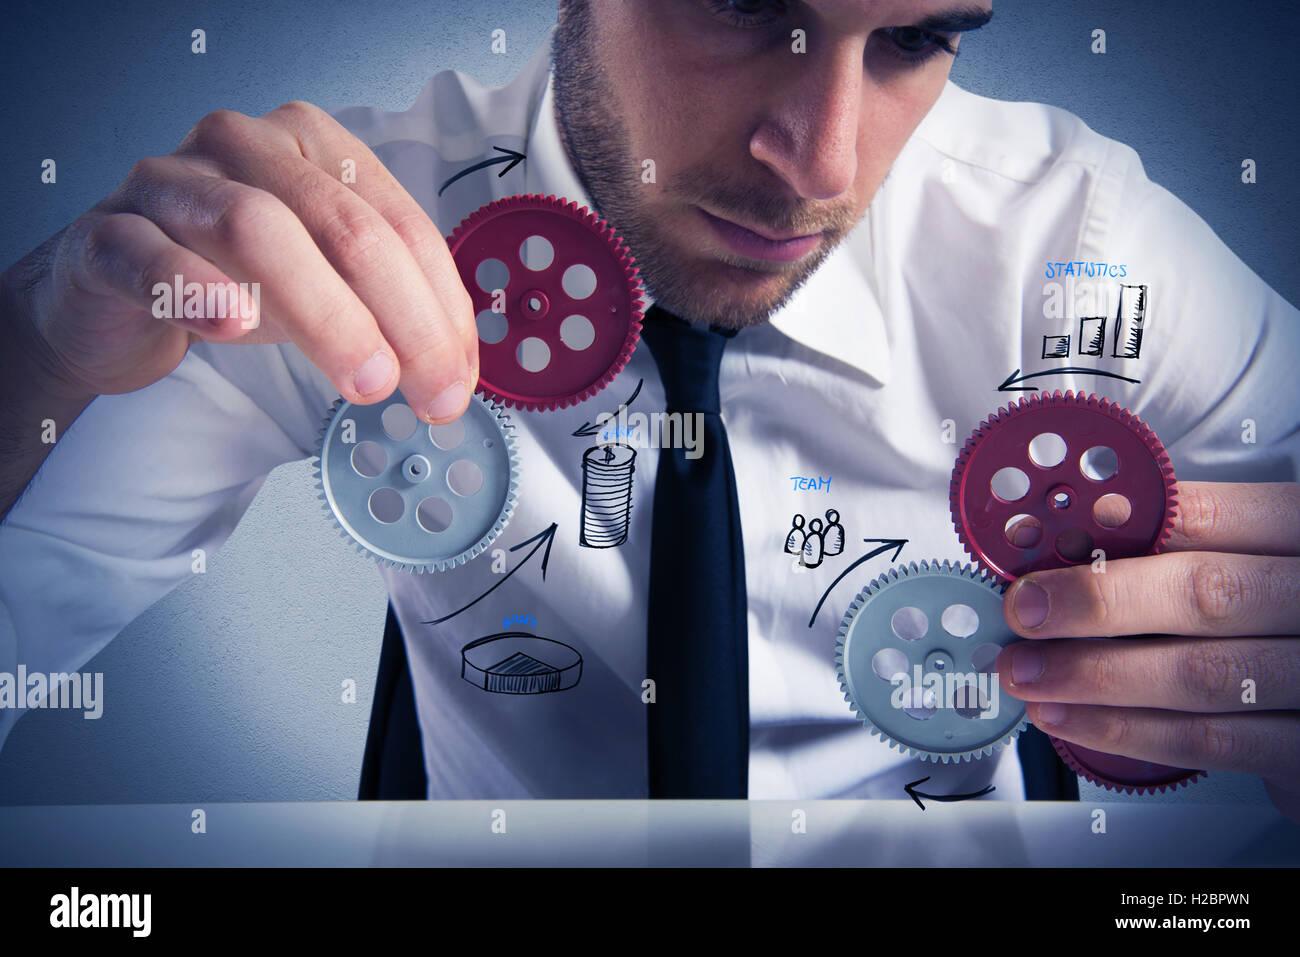 Bauen Sie eine Business-system Stockbild